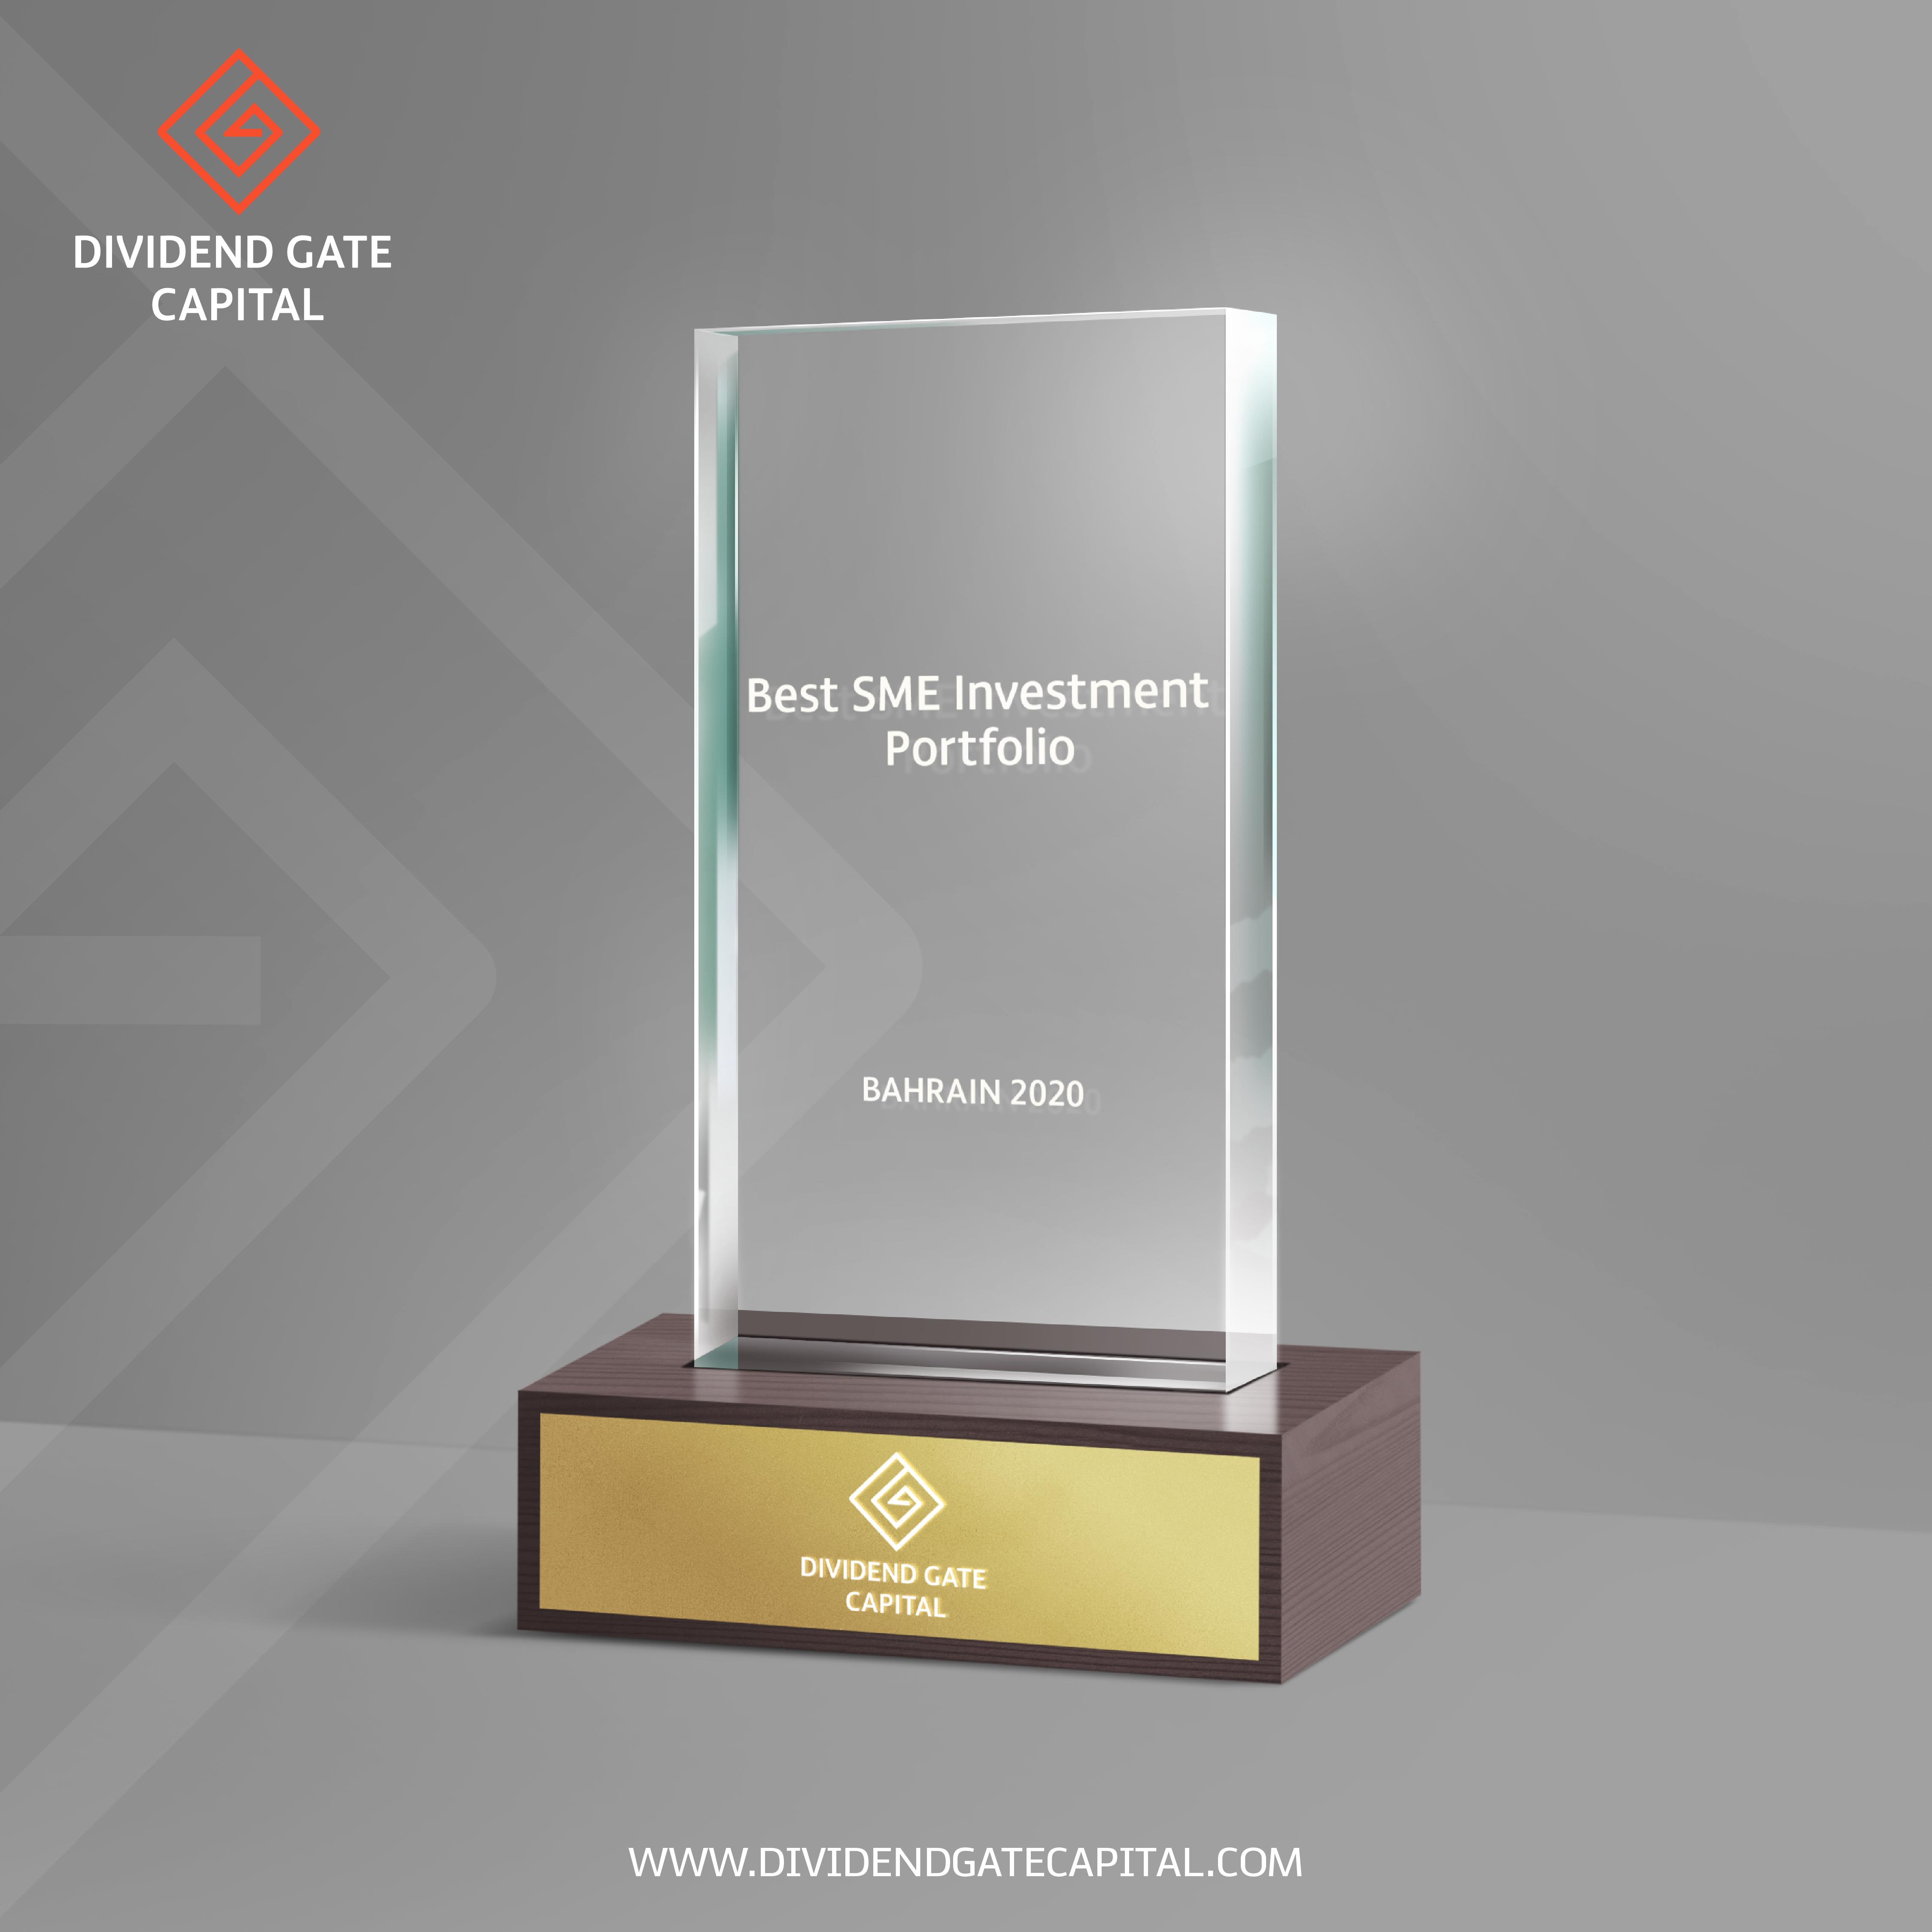 """ديفيدند جيت كابيتال تحصد لقب أفضل محفظة استثمارية للشركات الصغيرة والمتوسطة    – البحرين 2020  Dividend Gate Capital awarded """"Best SME Investment Portfolio – Bahrain 2020"""""""